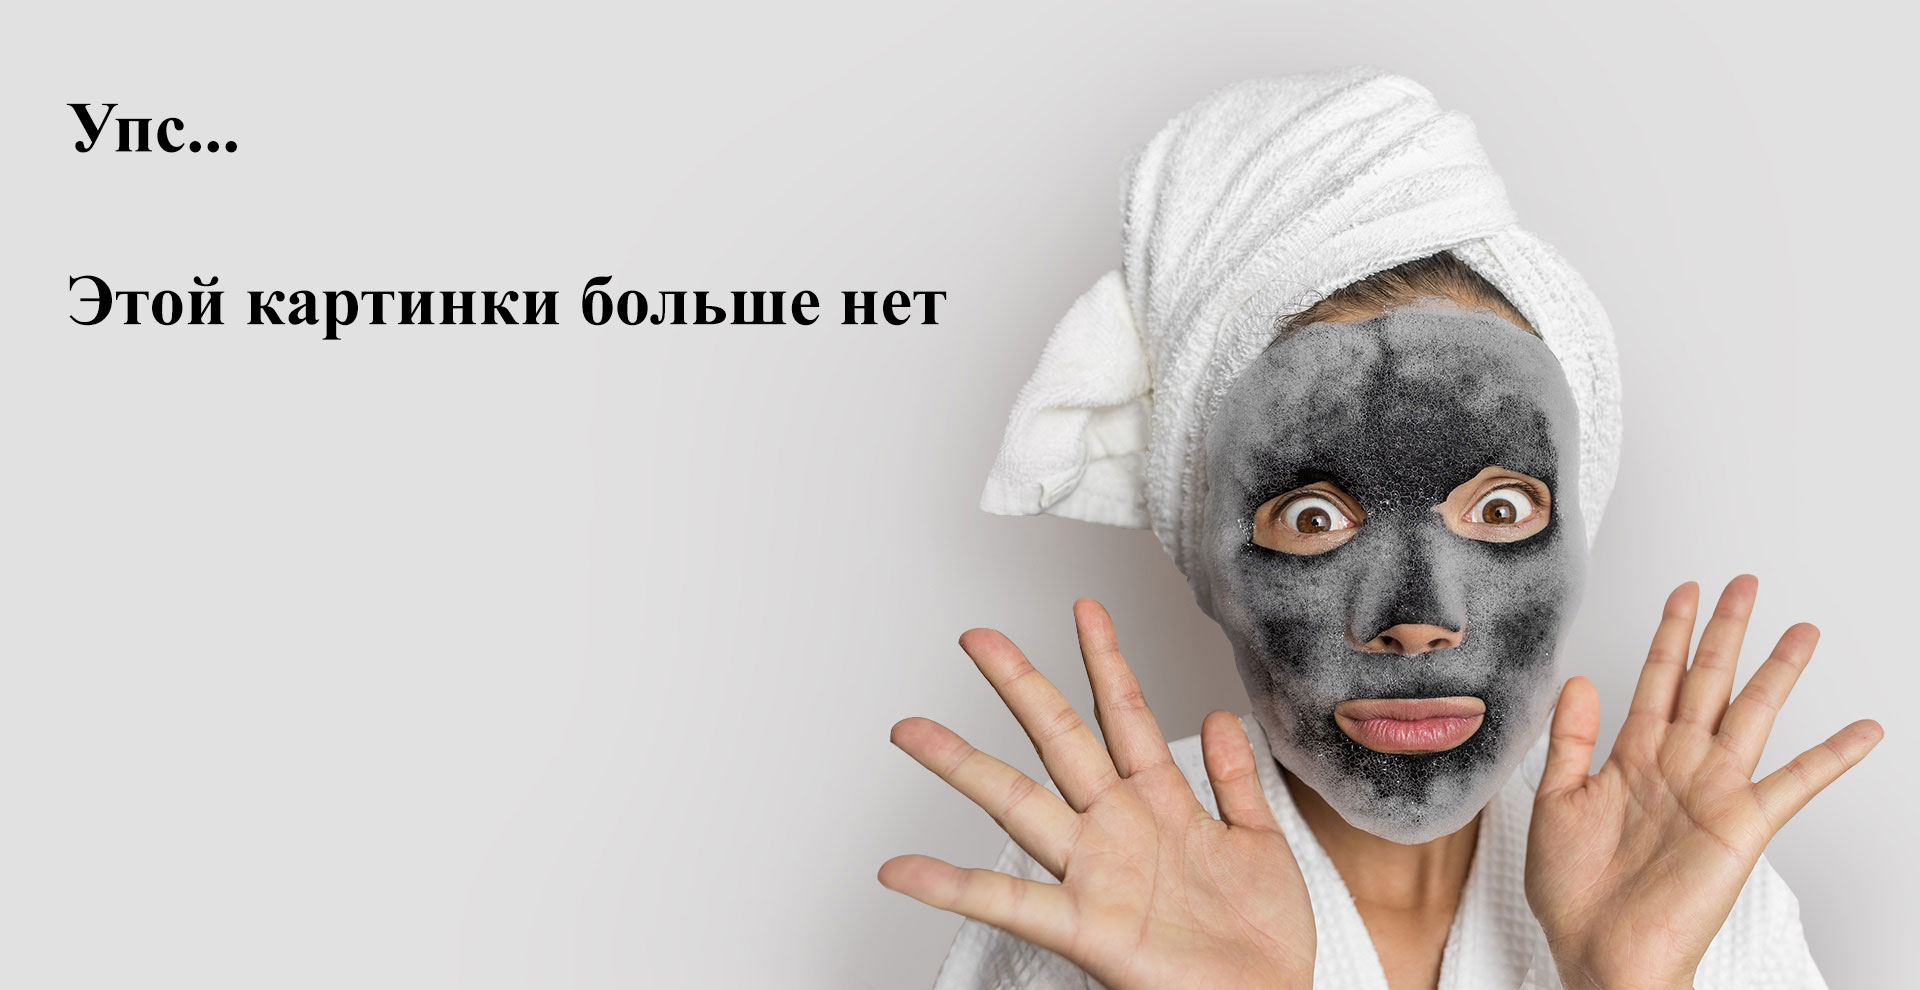 Kinetics, Лосьон для рук и тела «Турецкая роза и черный чай», 250 мл